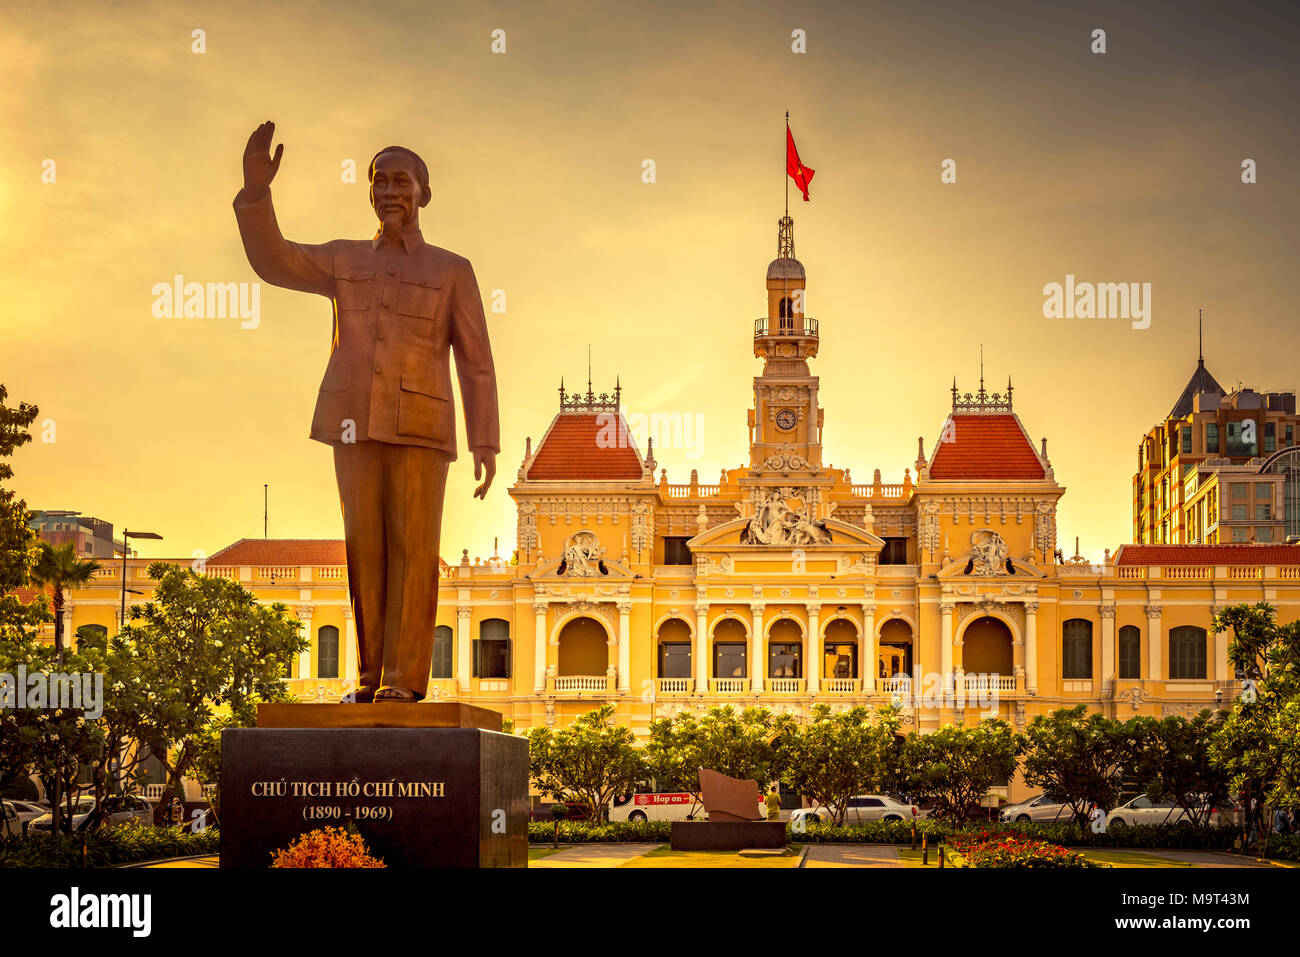 Asien, Südostasien, Südvietnam, Vietnam, Saigon, Ho Chi Minh Stadt, Rathaus Stockbild